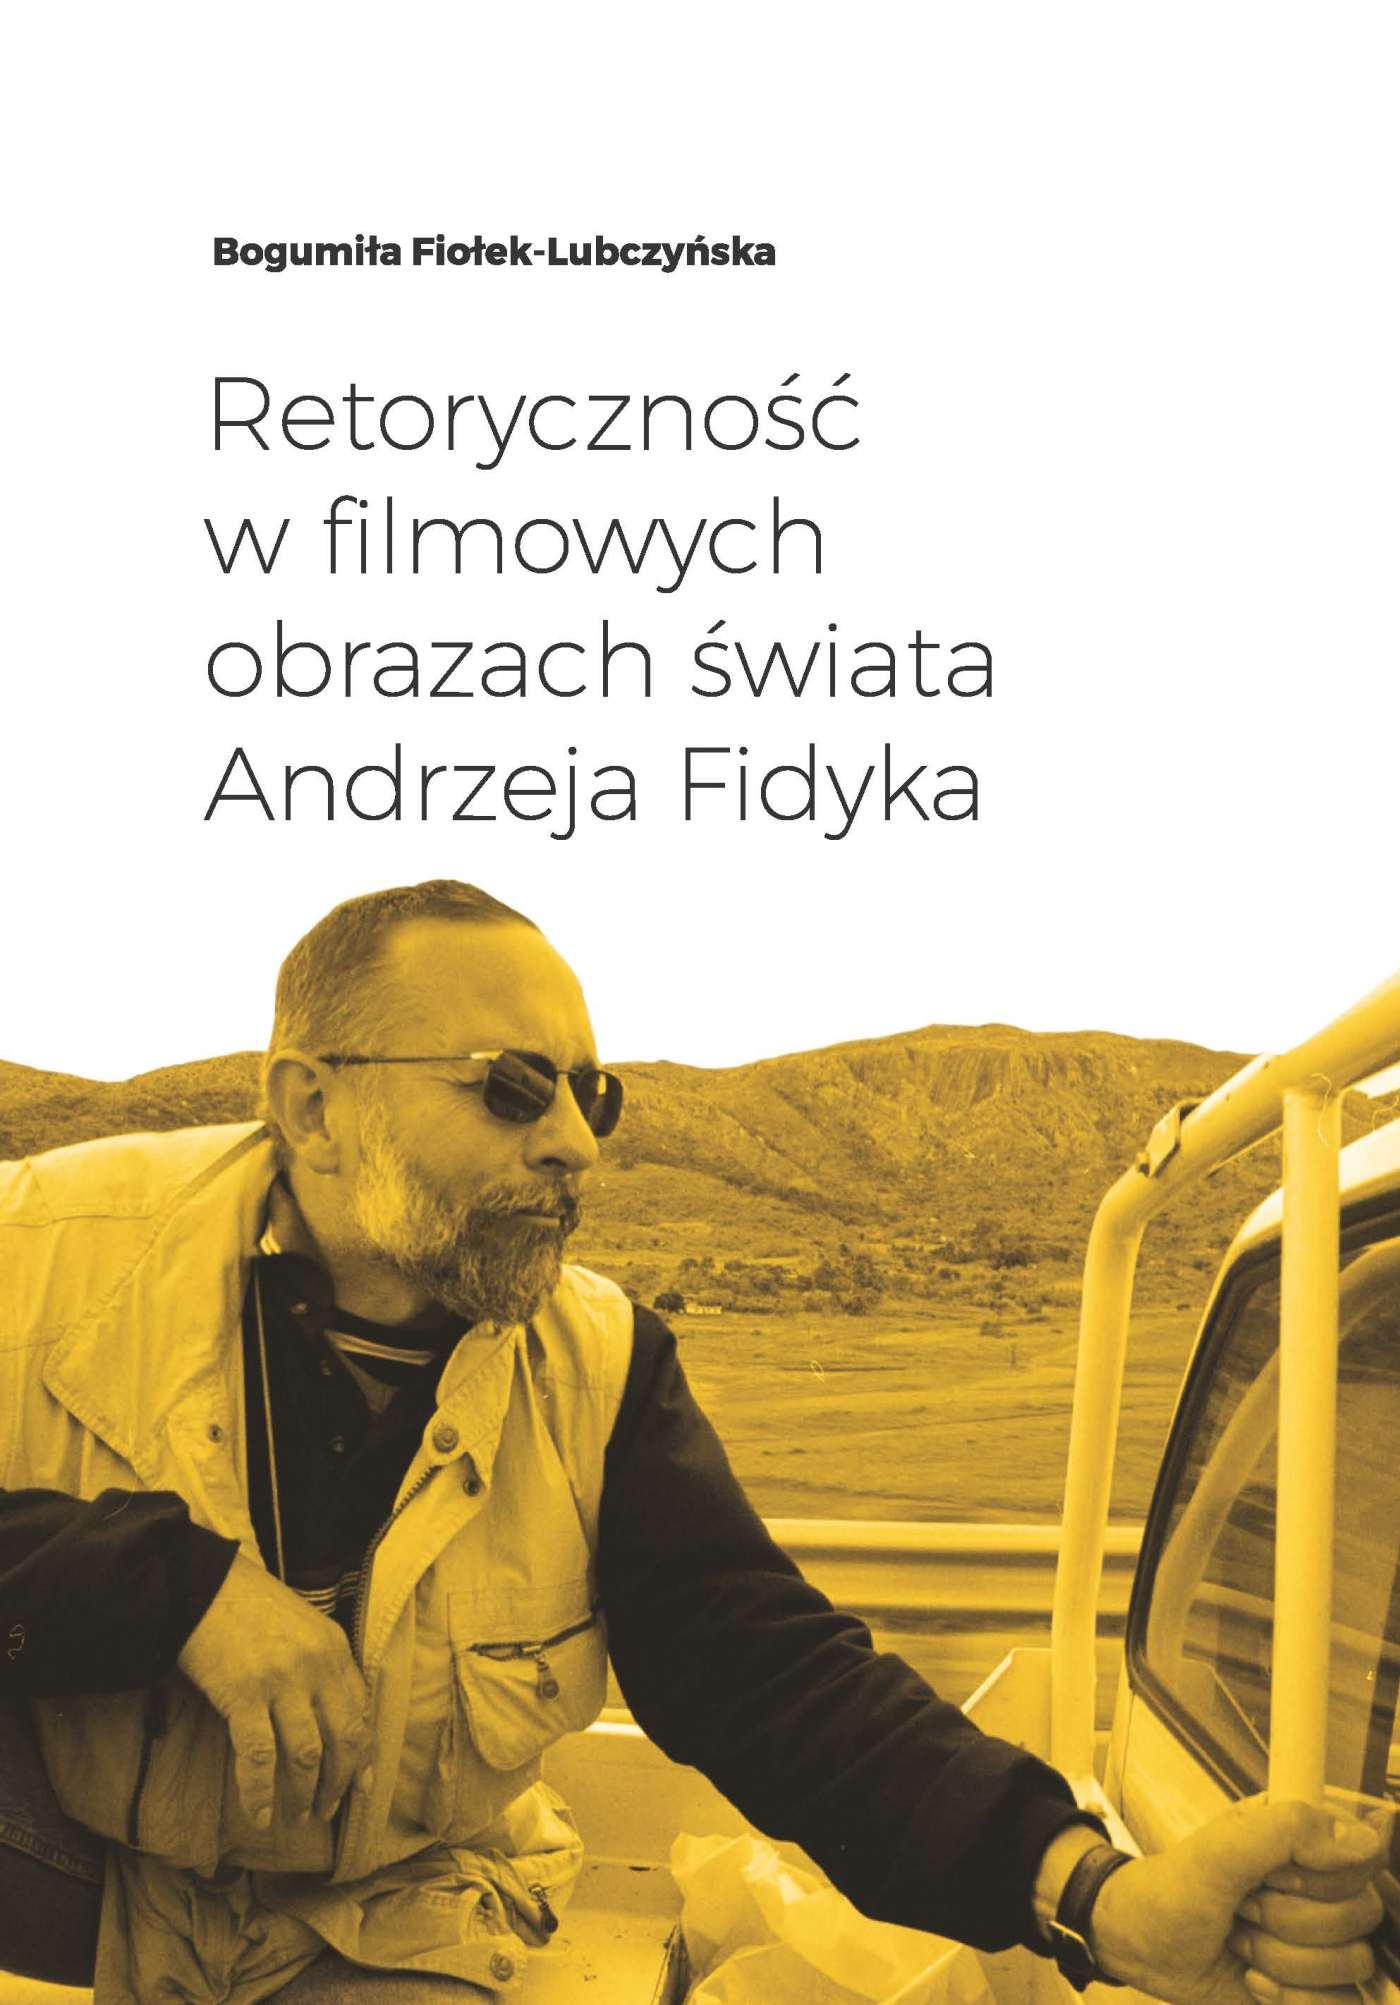 Retoryczność w filmowych obrazach świata Andrzeja Fidyka - Ebook (Książka na Kindle) do pobrania w formacie MOBI